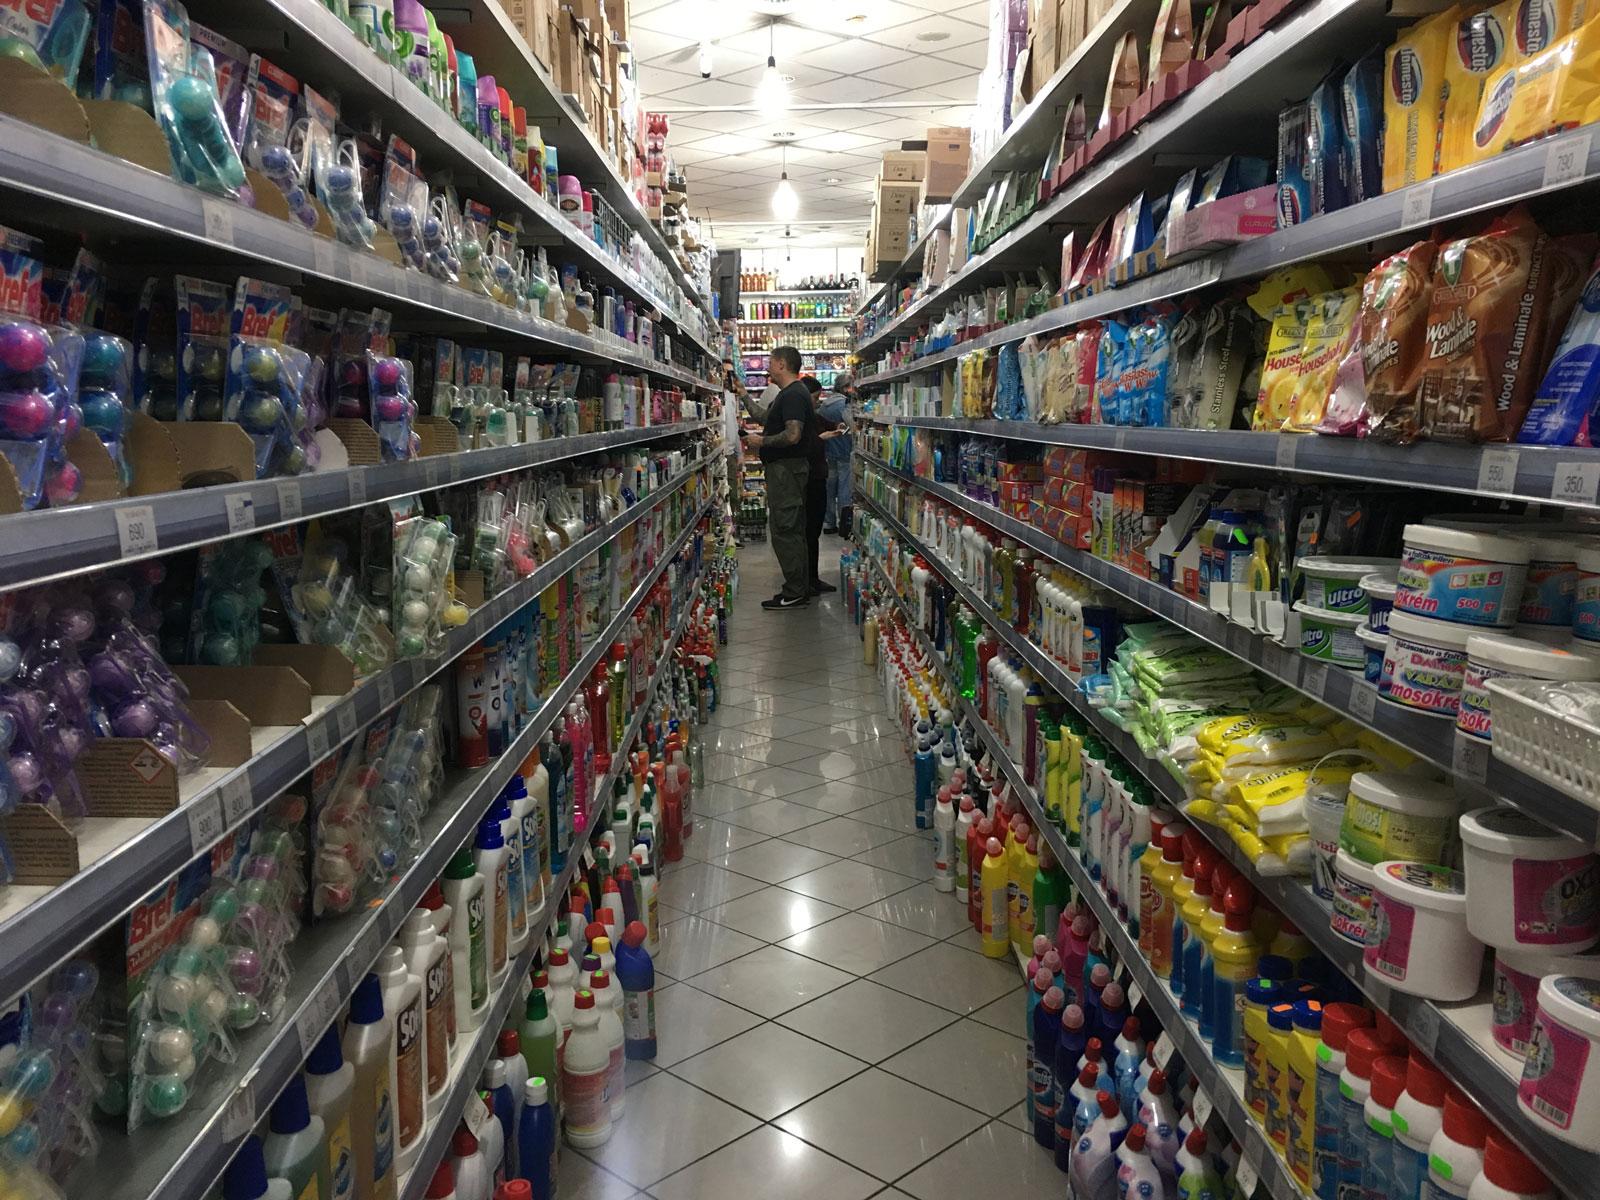 budapest_shopping1.jpg